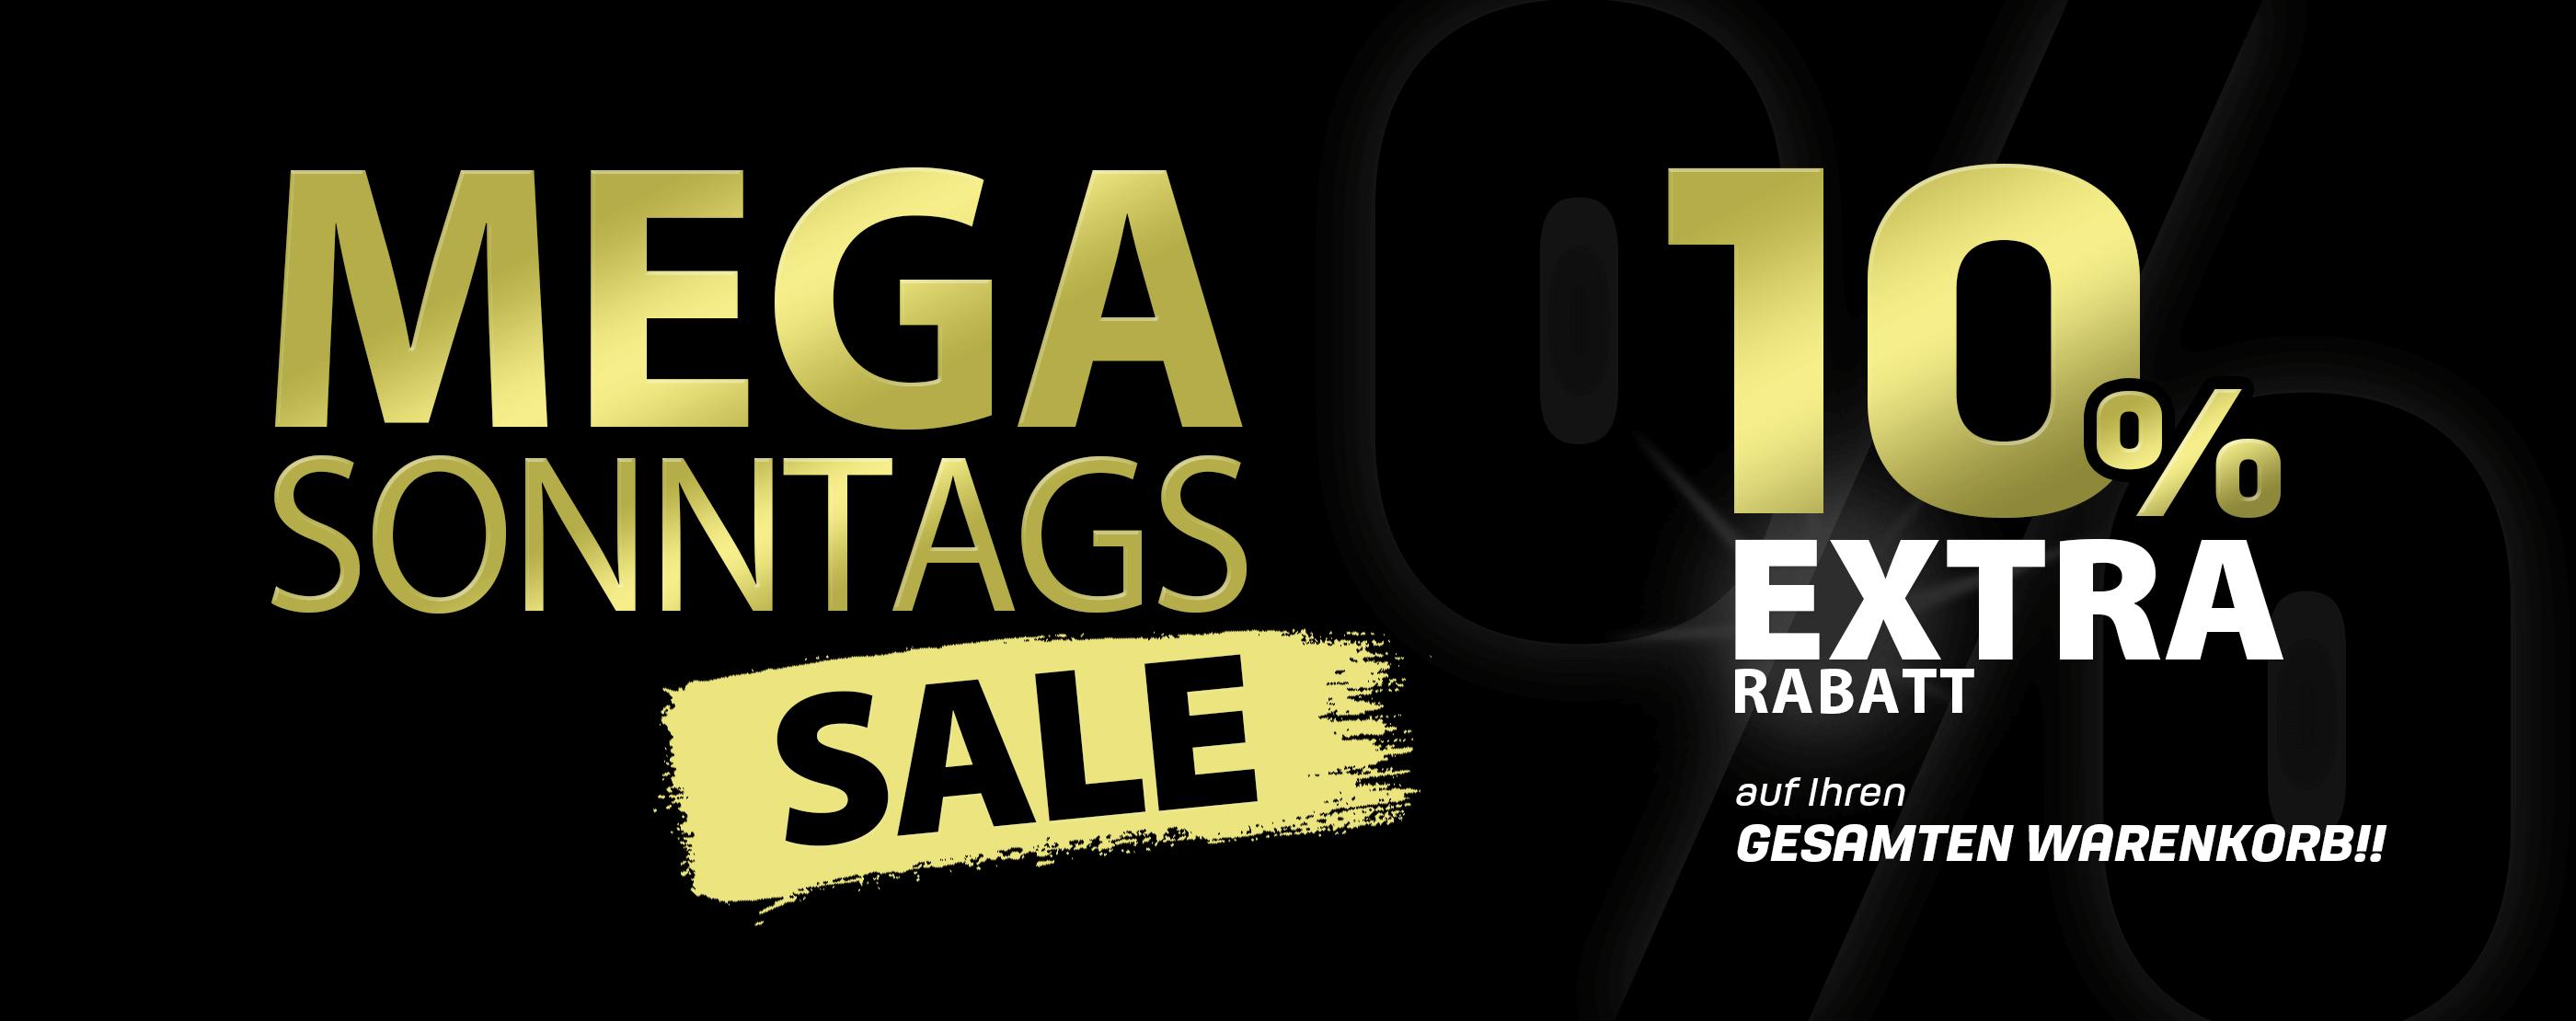 MEGA SONNTAGS AKTION!! - 10% EXTRA-RABATT auf Ihren gesamten Warenkorbwert!!